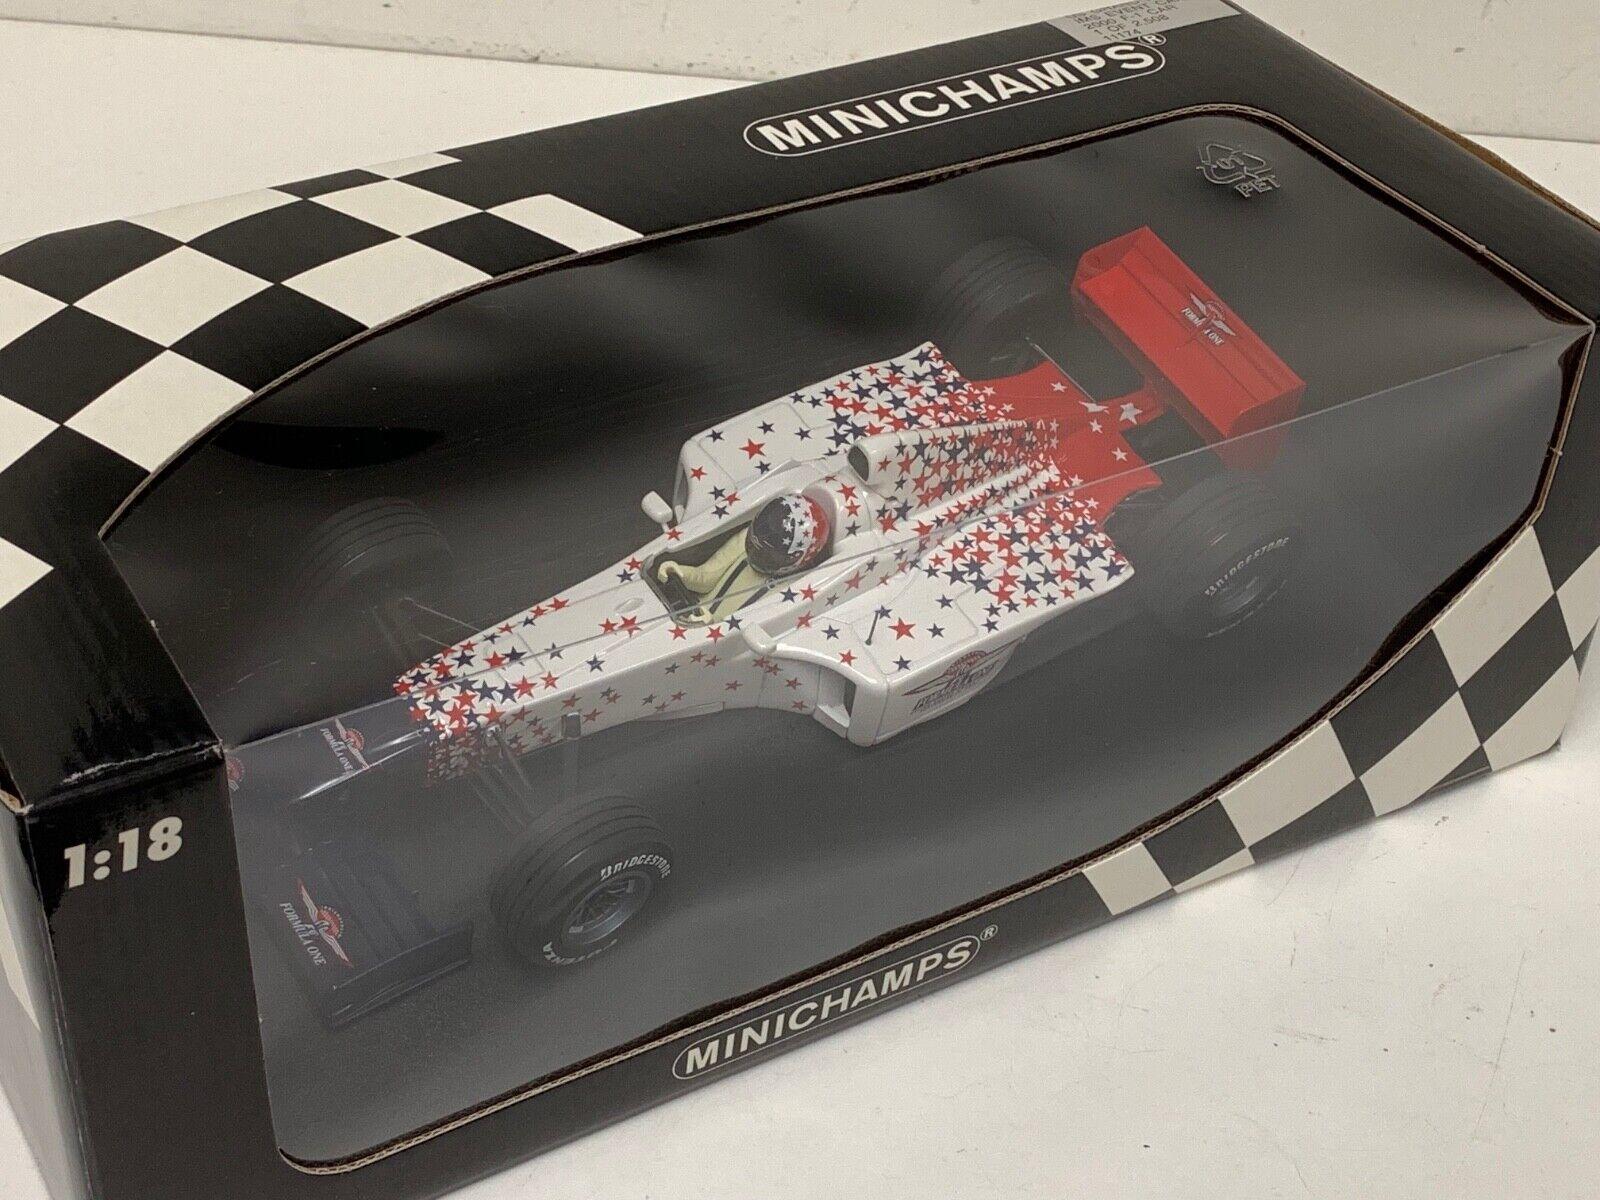 1 18 Minichamps Formula 1 2000 US Grand Prix Event car